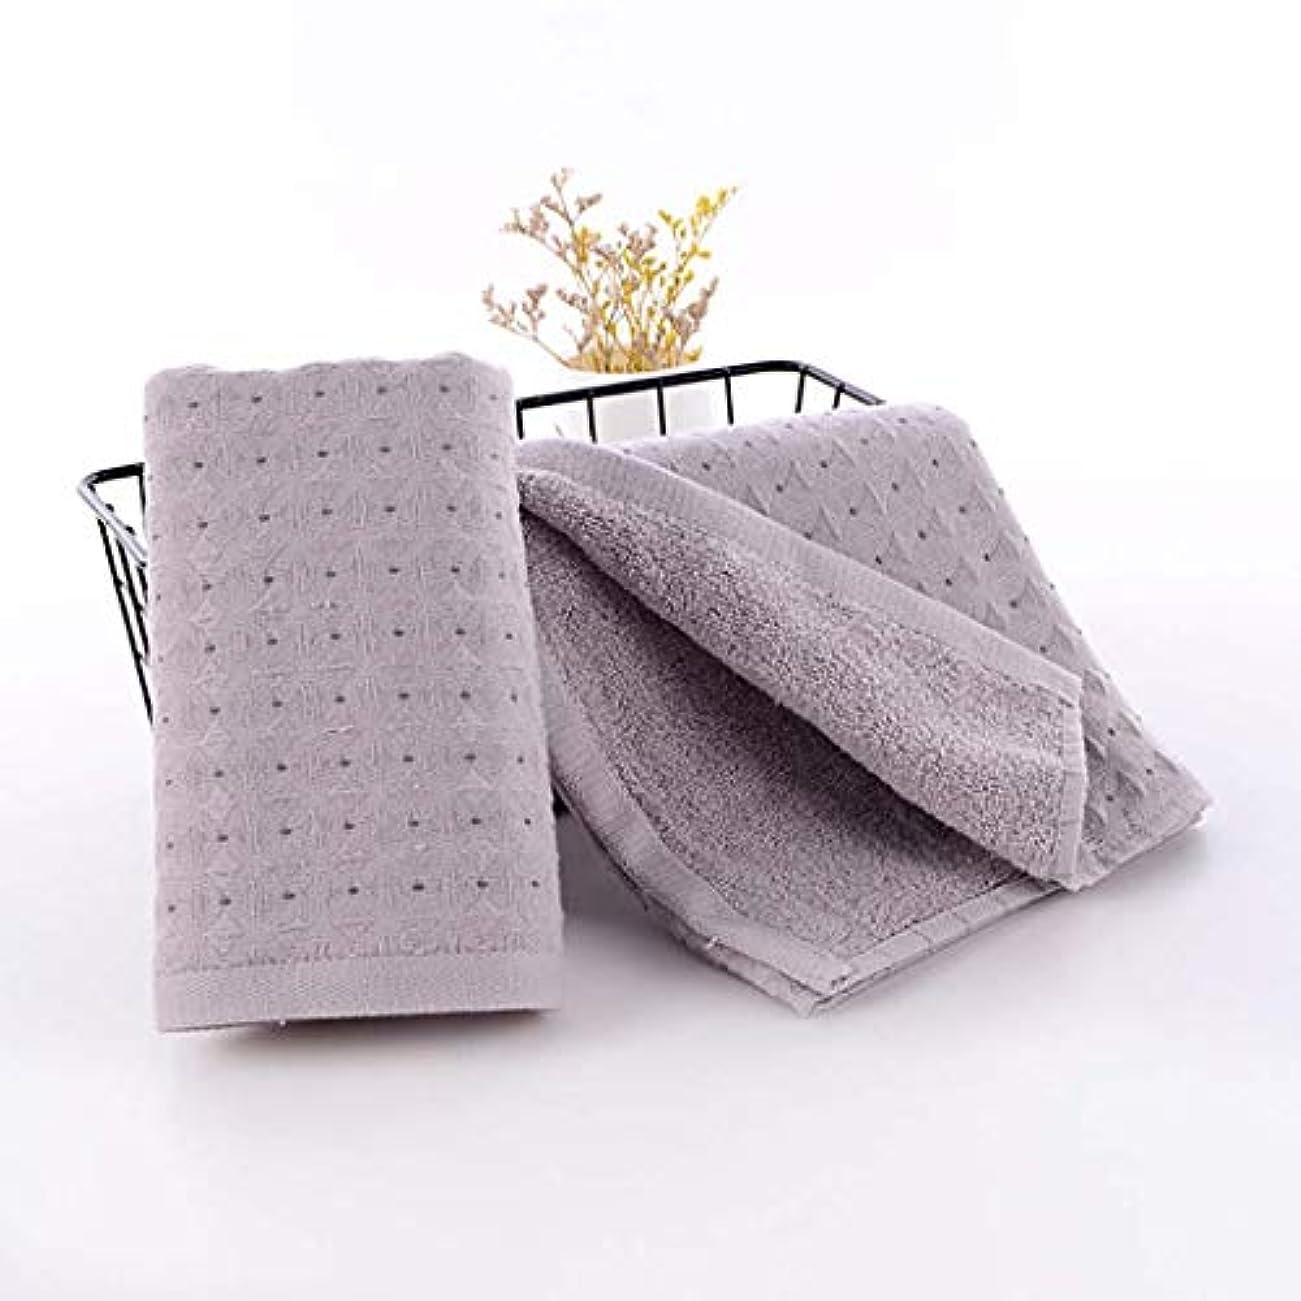 温かい差別黄ばむ綿のハンドタオルの速い乾燥したタオルの速い乾燥したタオル,Gray,34*75cm